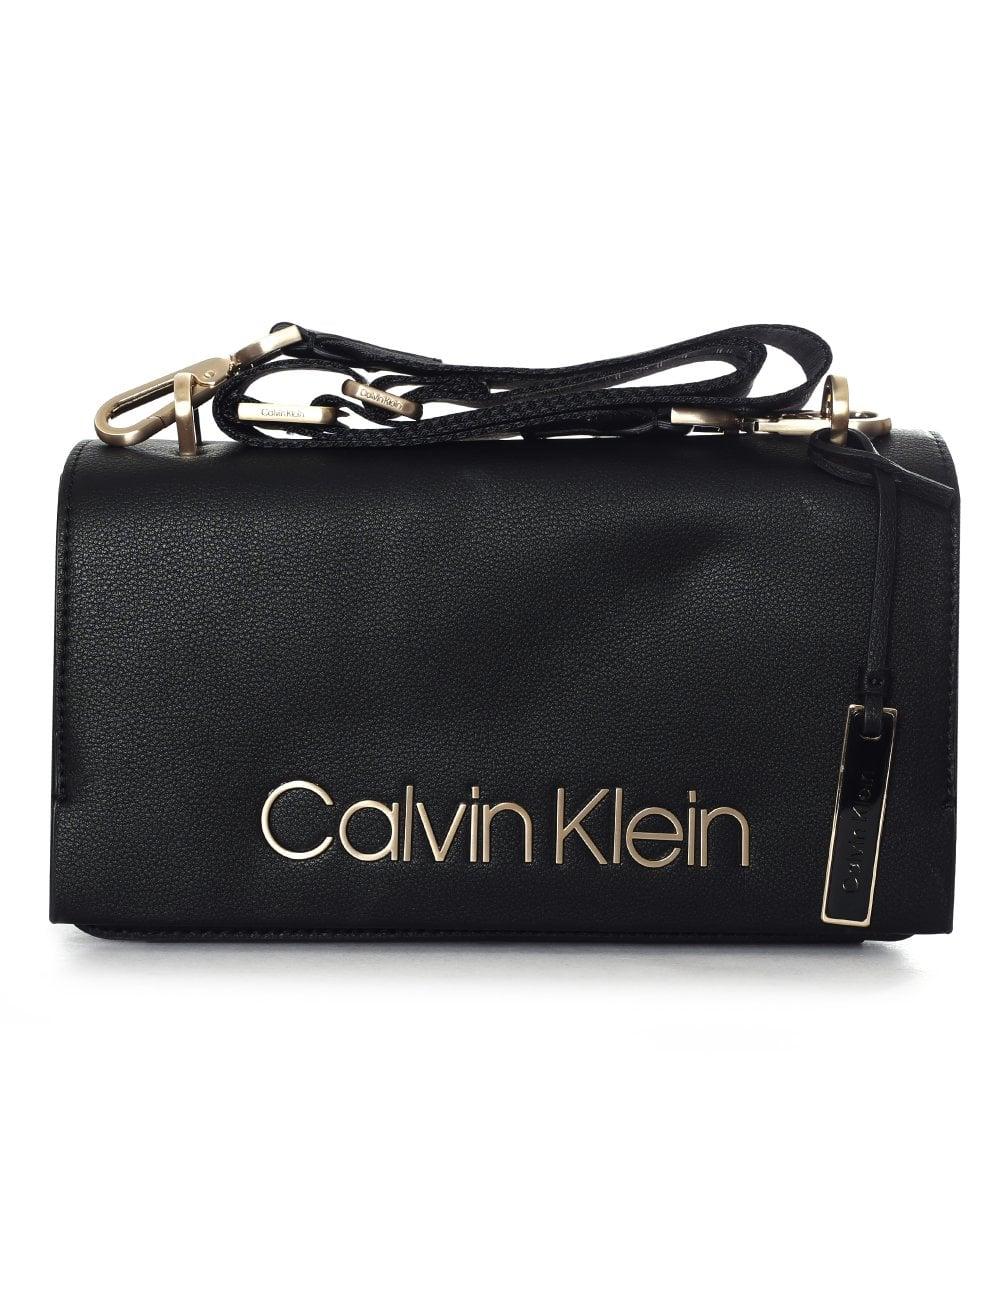 Calvin Klein Women s CK Candy Logo Shoulder Bag Black 5453e7b5a5